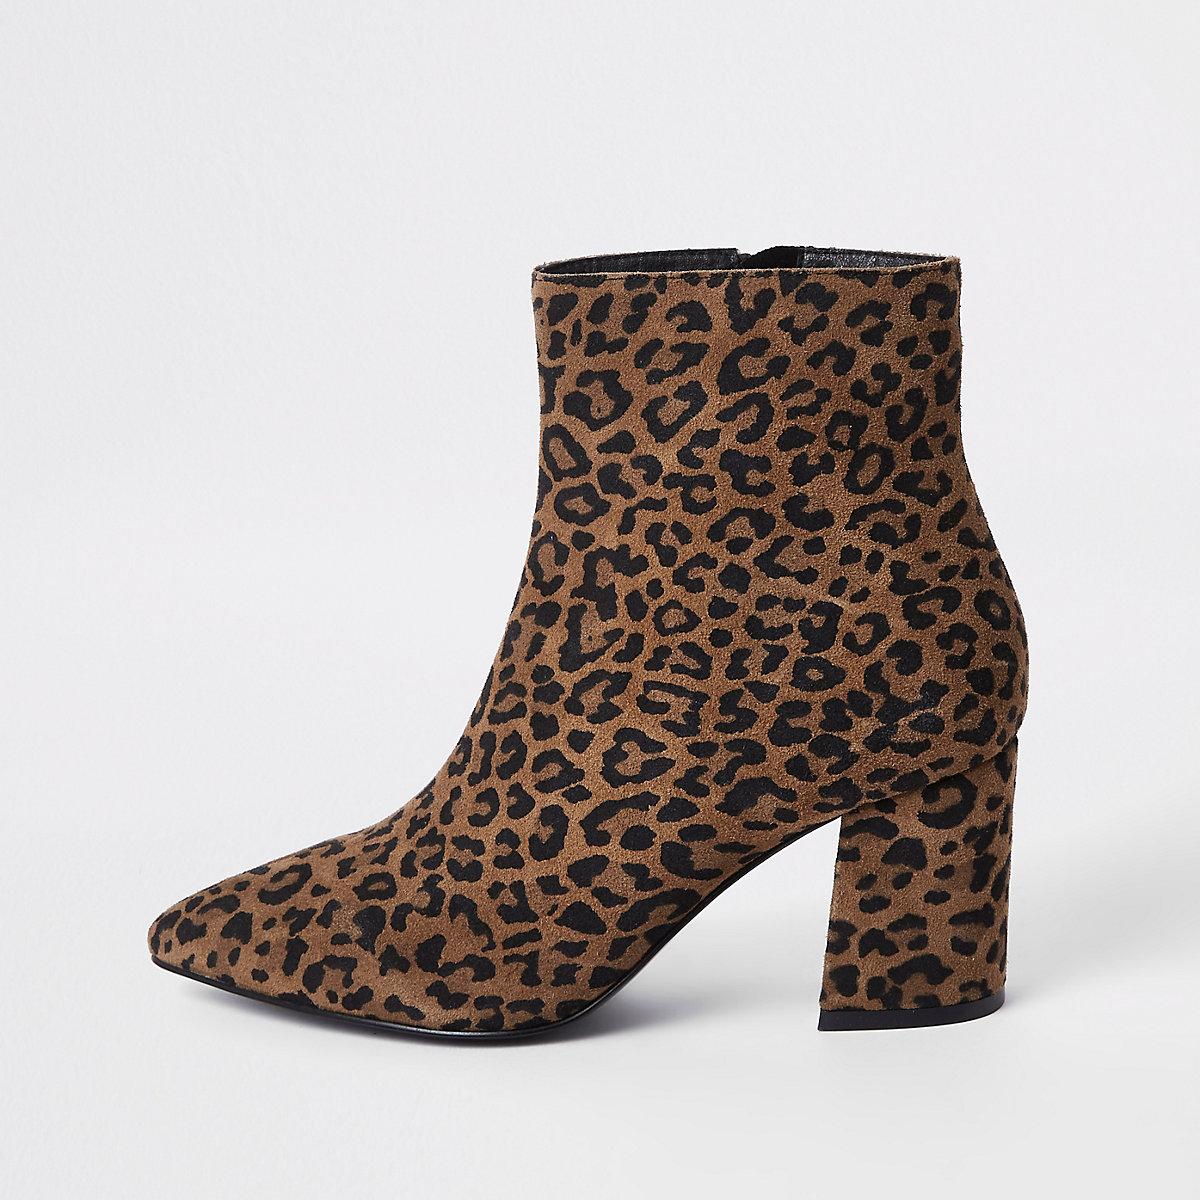 ... Schuhe und Stiefel  Braune Stiefeletten mit weiter Passform. Braune  Stiefeletten mit weiter Passform Braune Stiefeletten mit weiter Passform ... dc5b4c8871